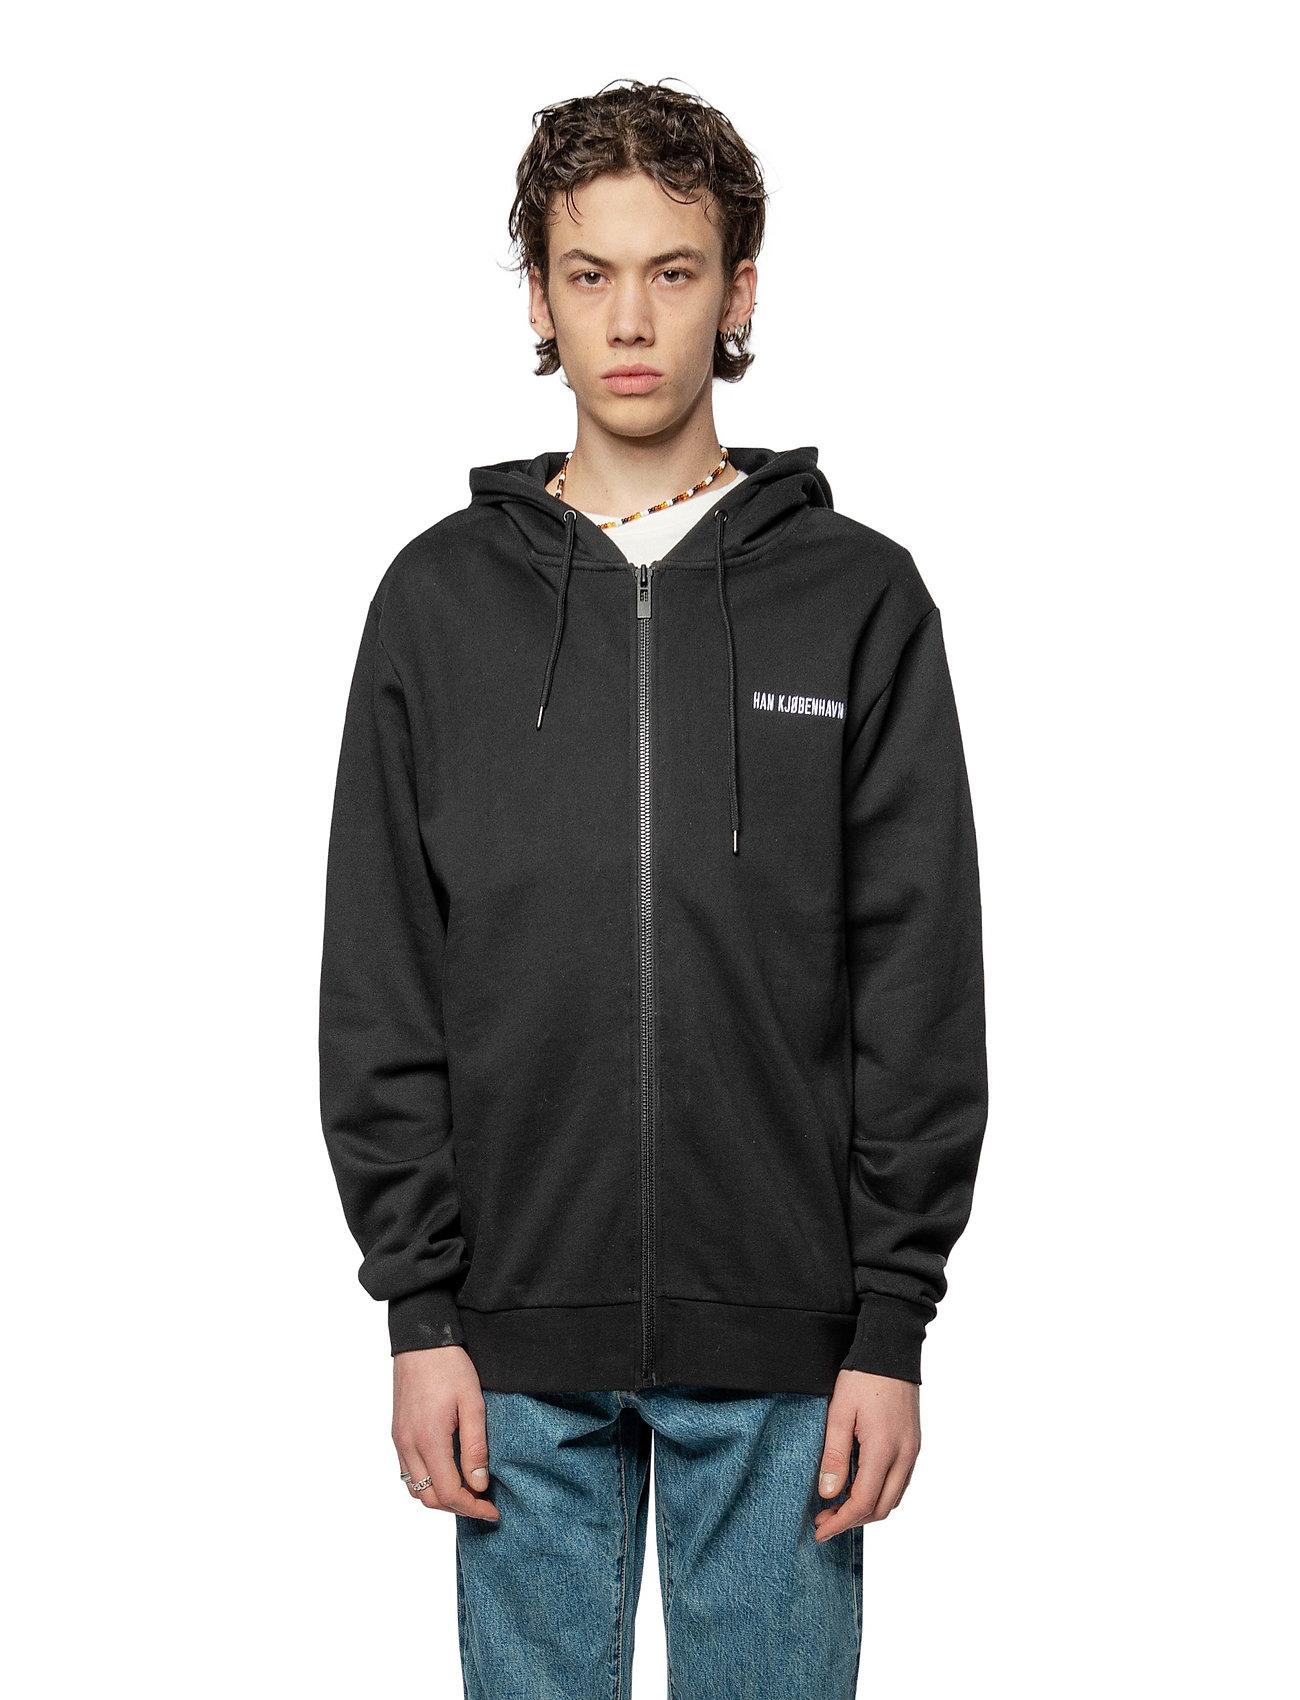 HAN Kjøbenhavn - Zip Hoodie - hoodies - black logo - 0